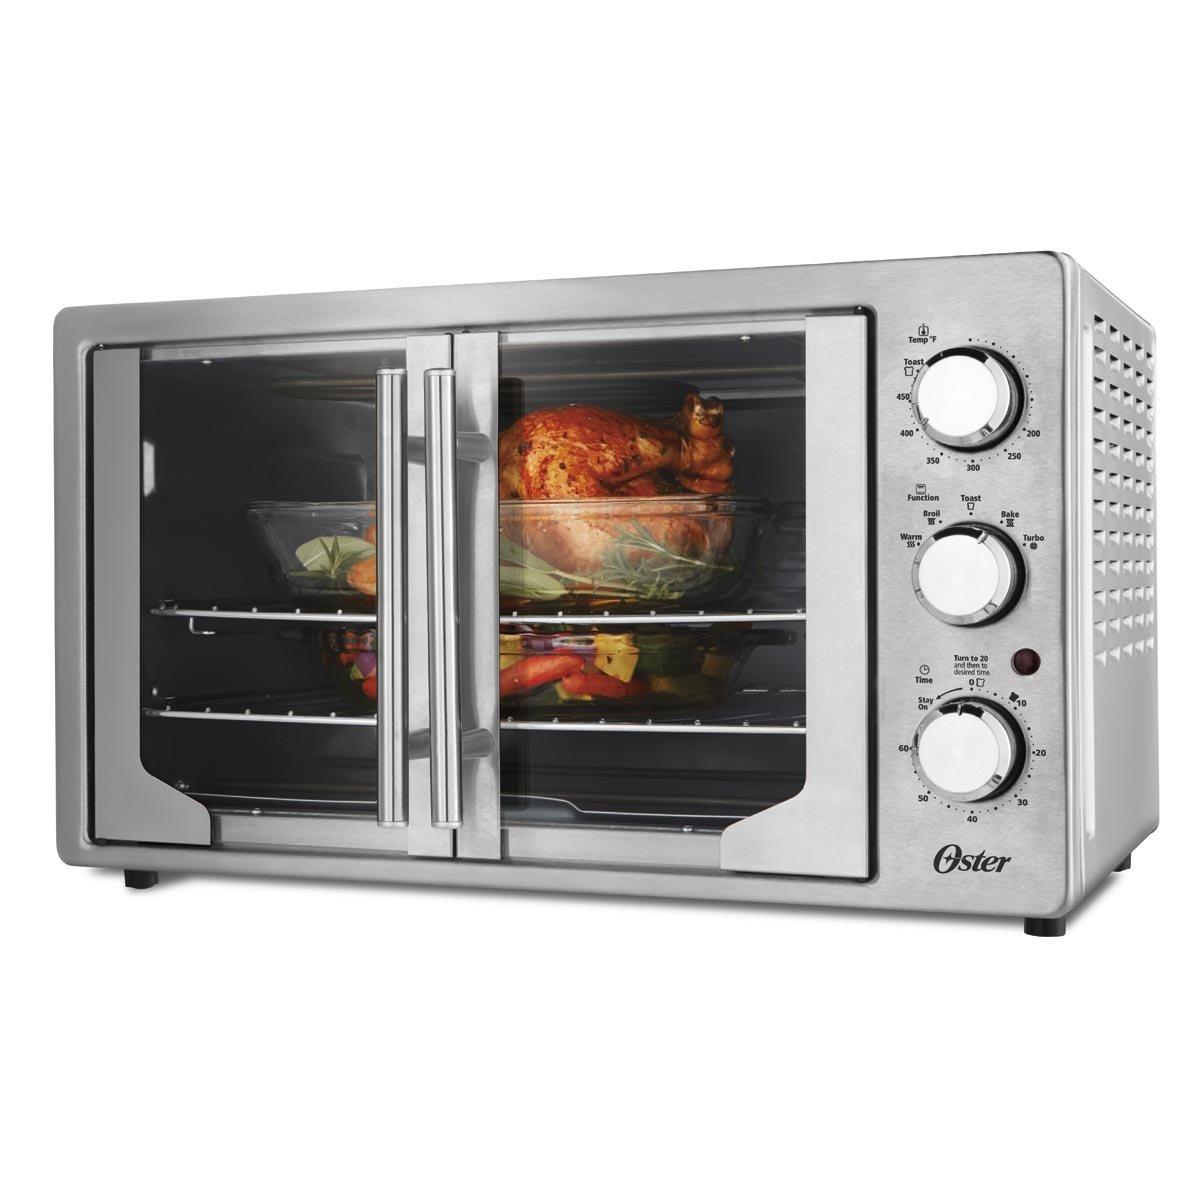 Horno tostador an logo oster de puerta francesa sears for Precios de hornos electricos pequenos